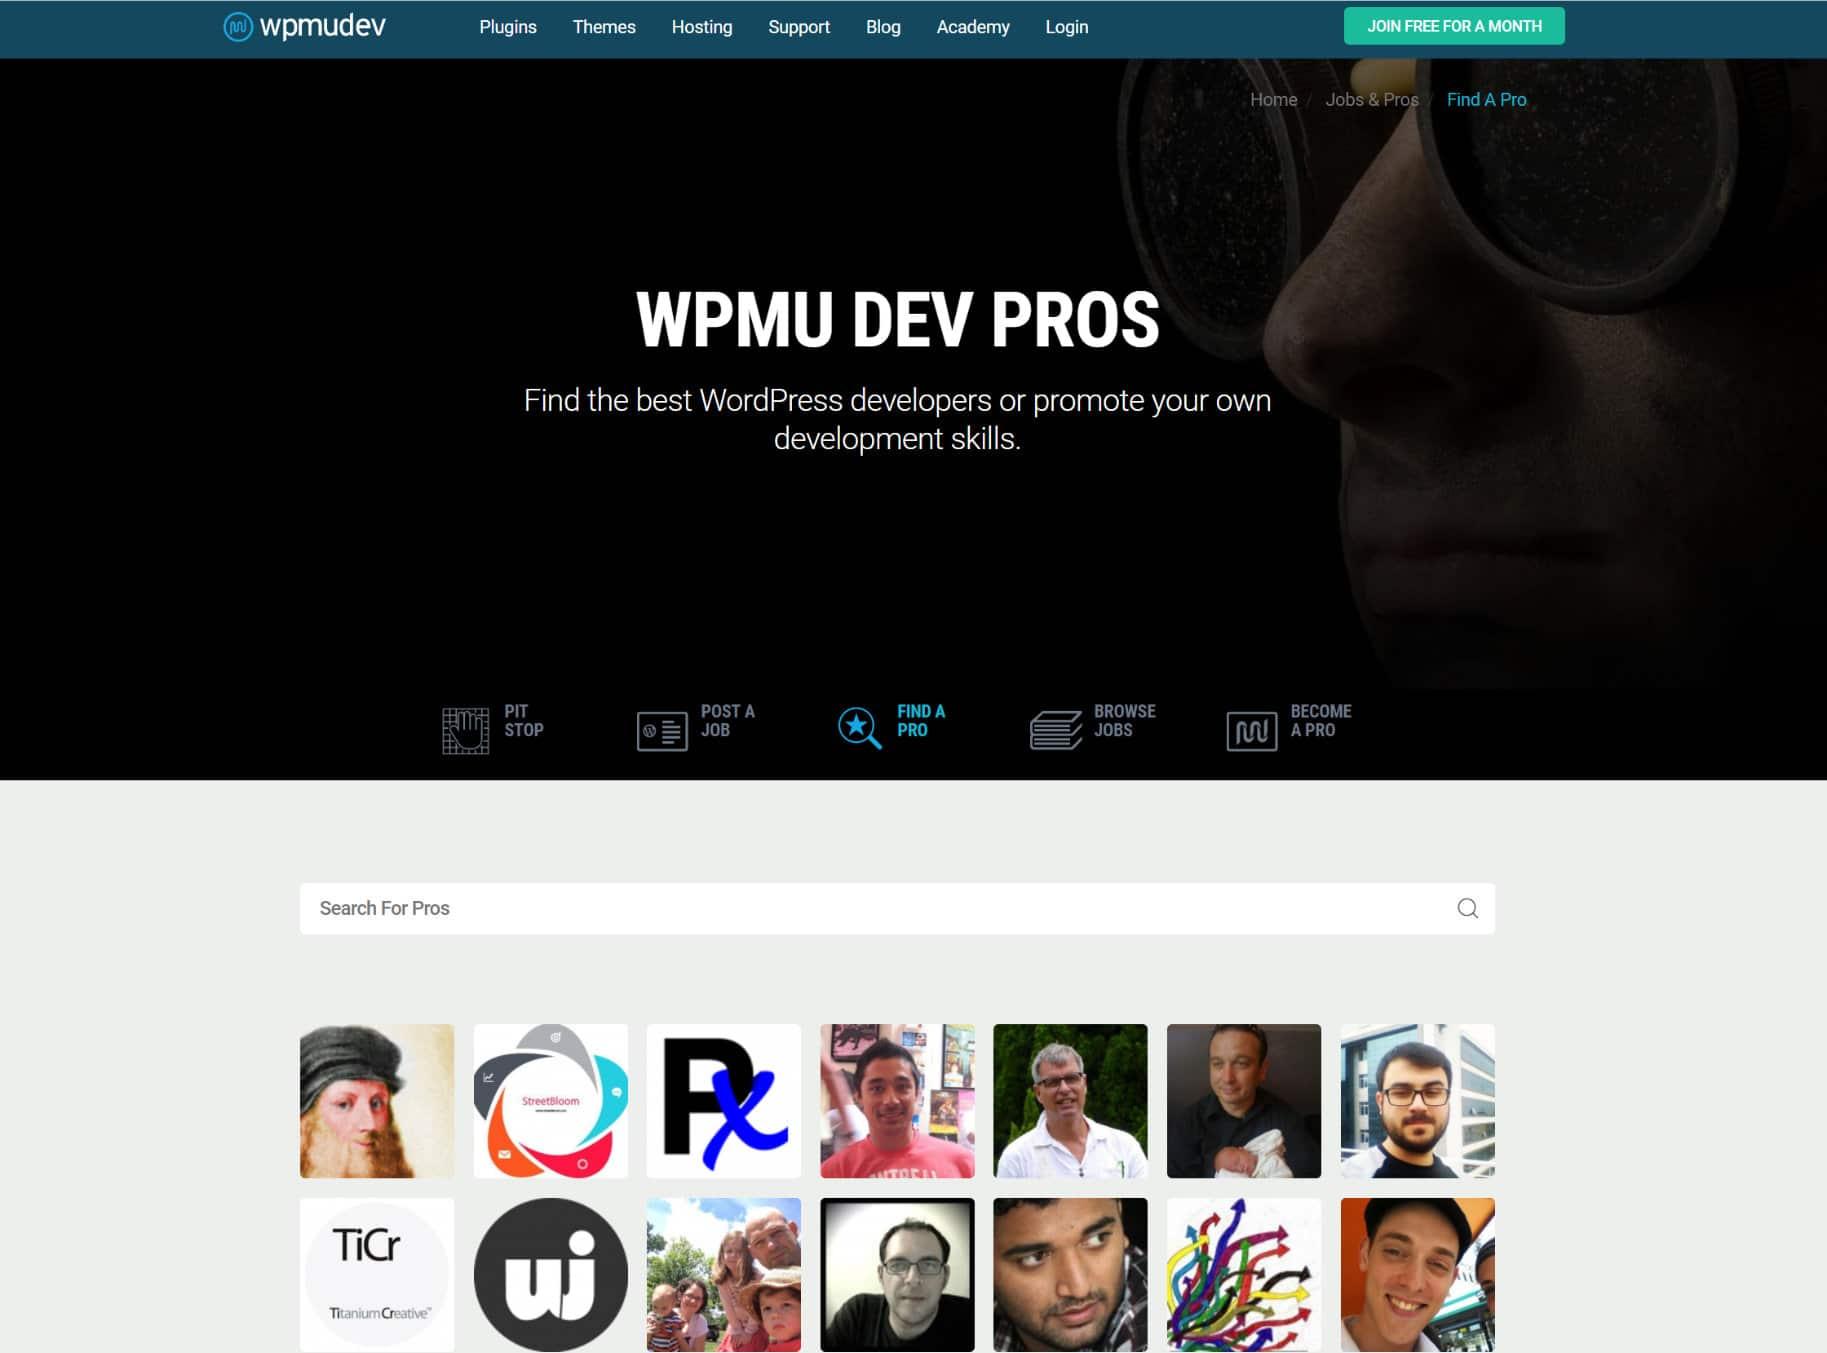 WPMU DEV Pros